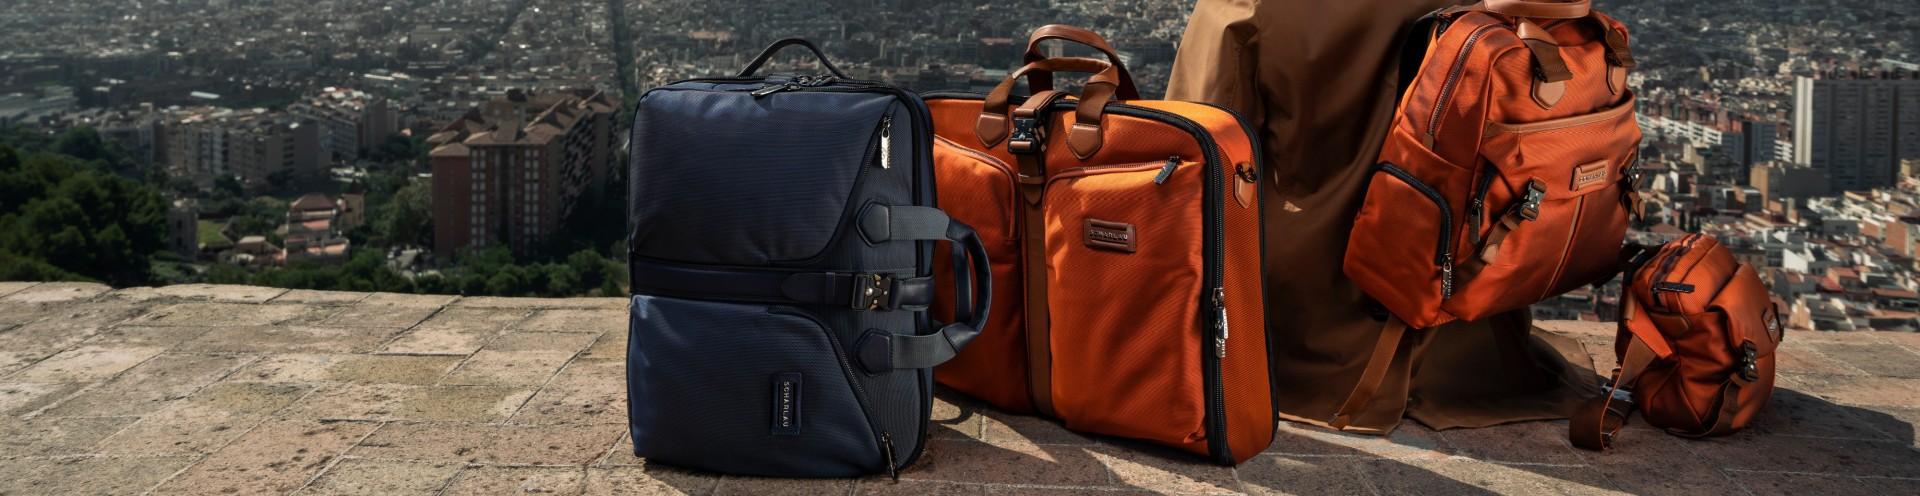 Elegant Padlocks for Travel Bags and Backpacks